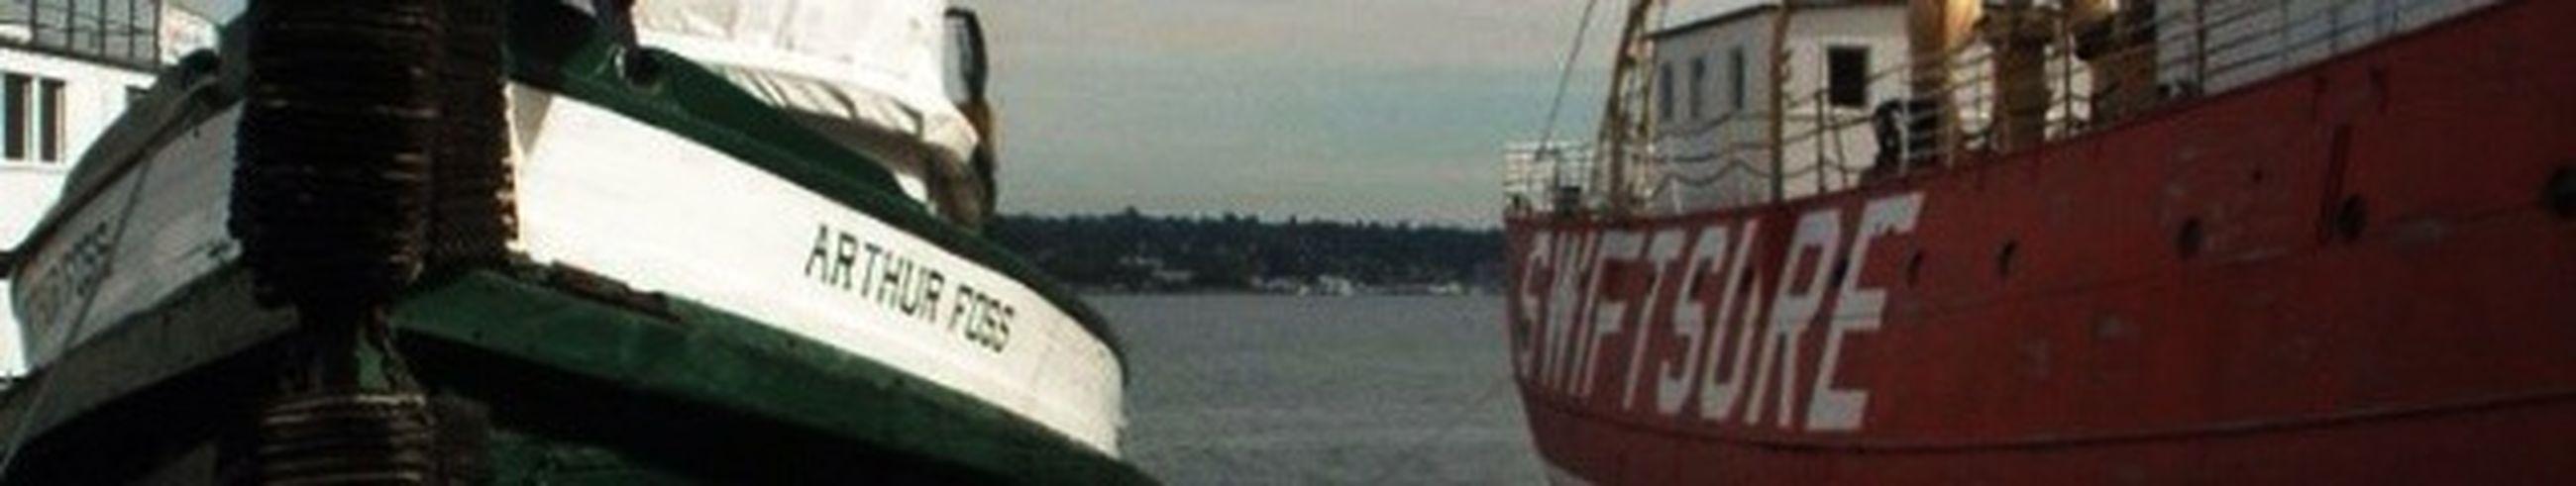 Boats Marina Jolly Thin!